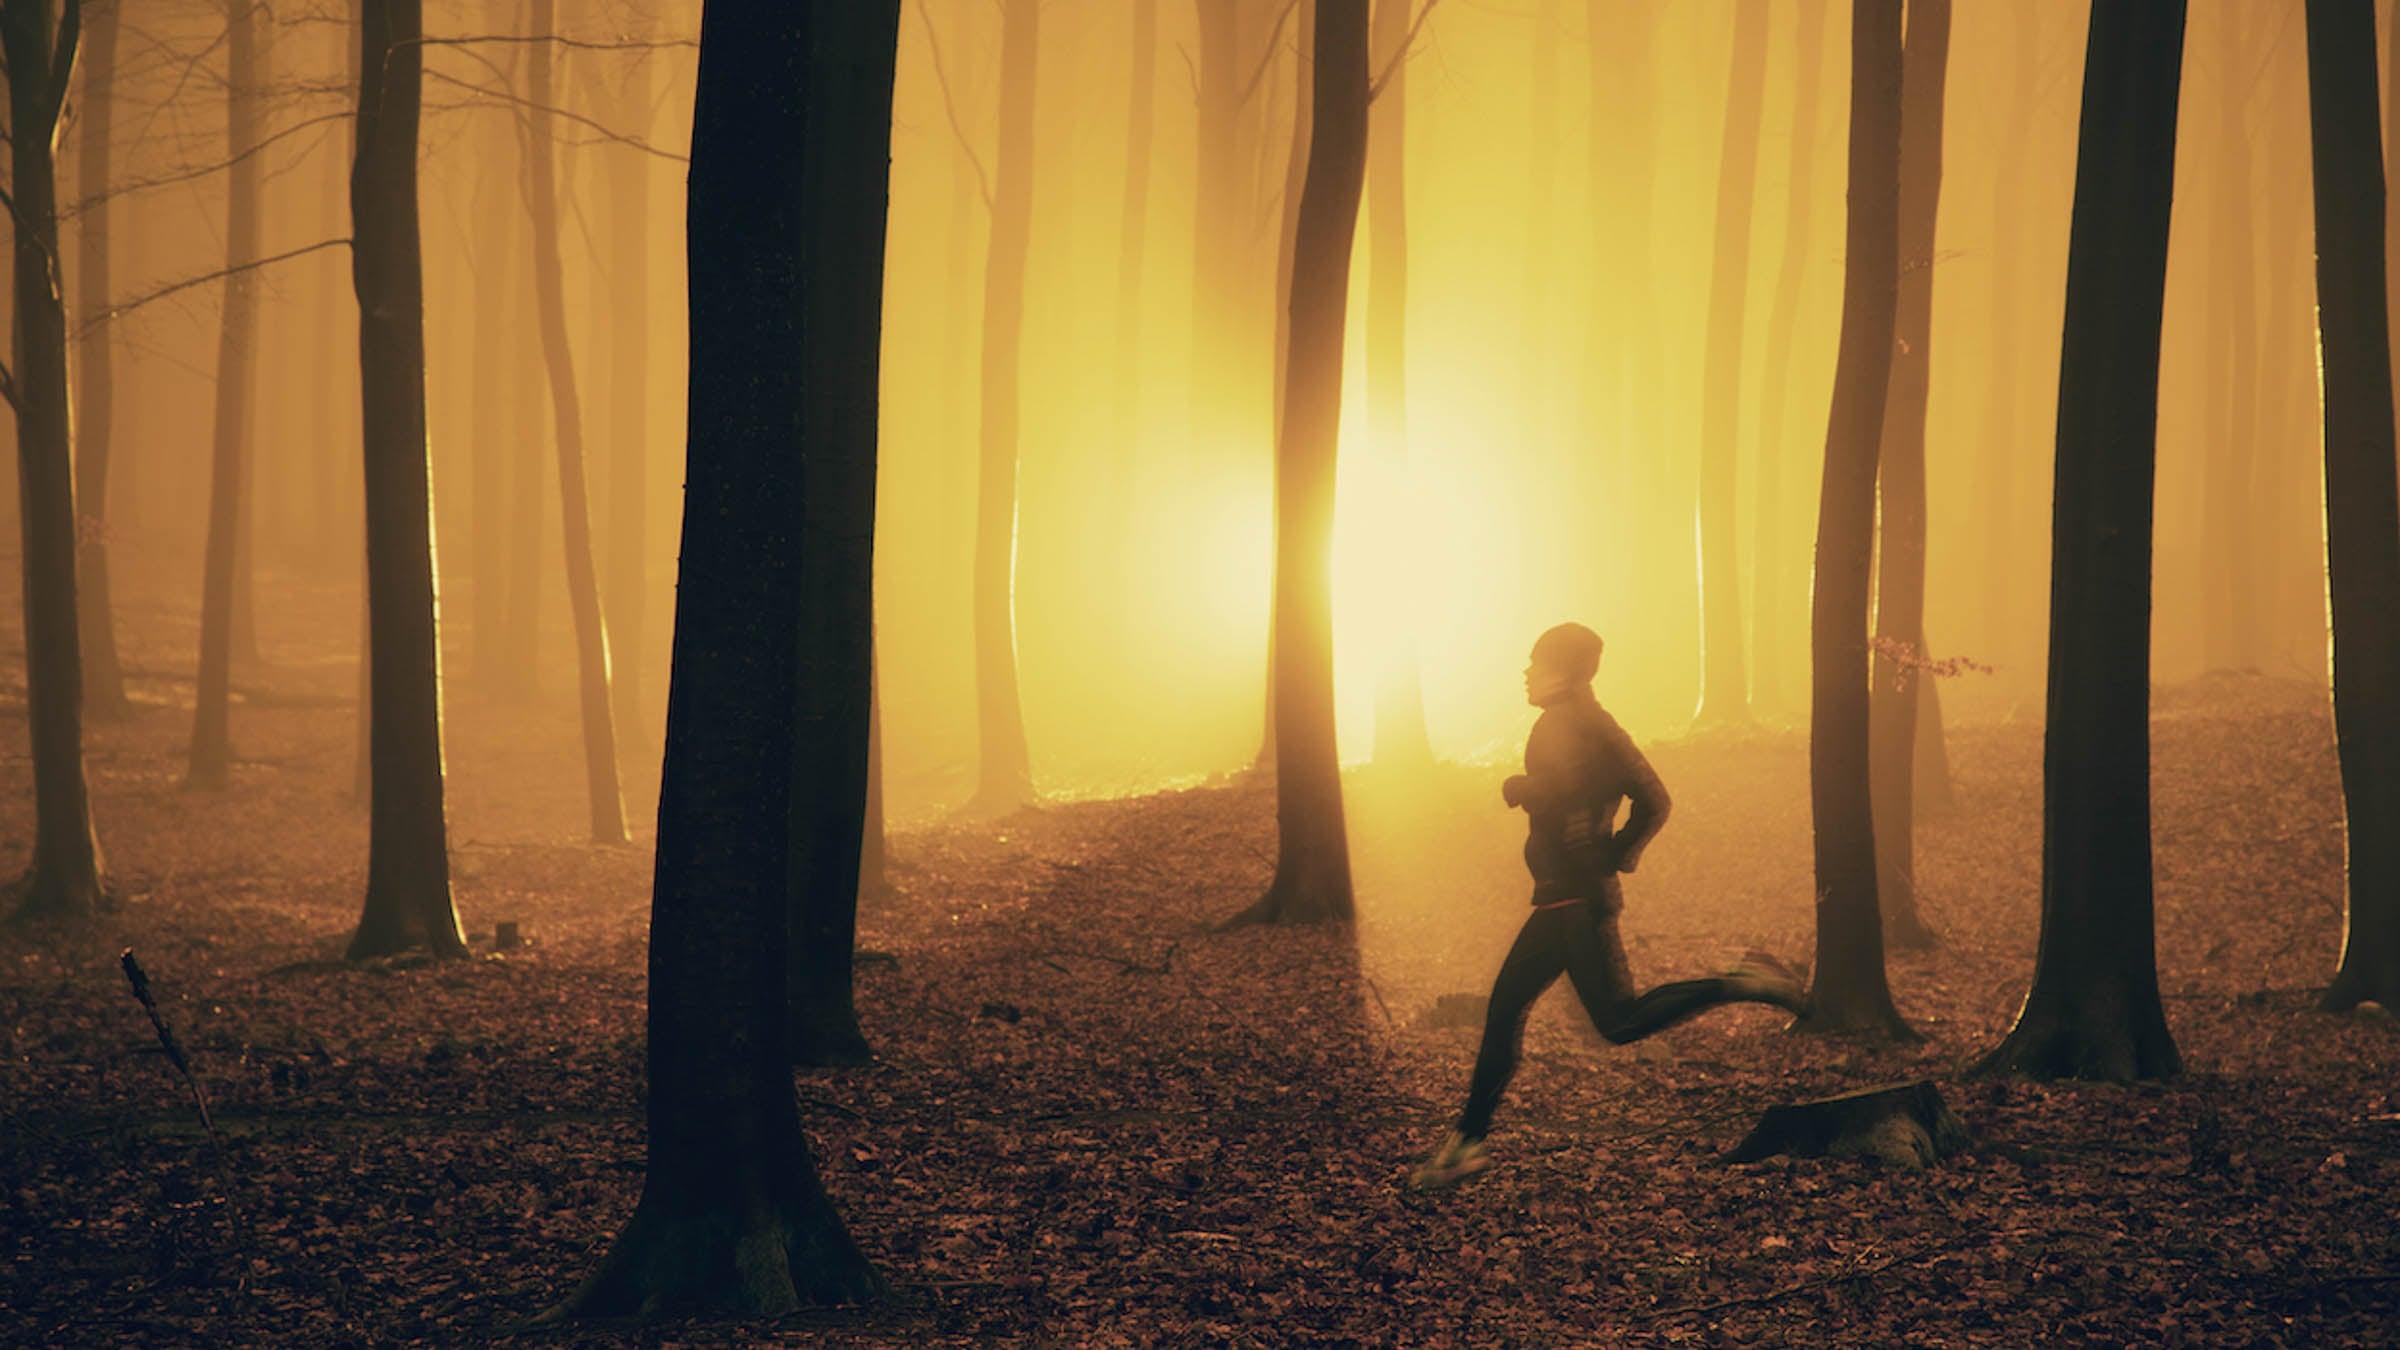 Emparejador al amanecer en el bosque brumoso